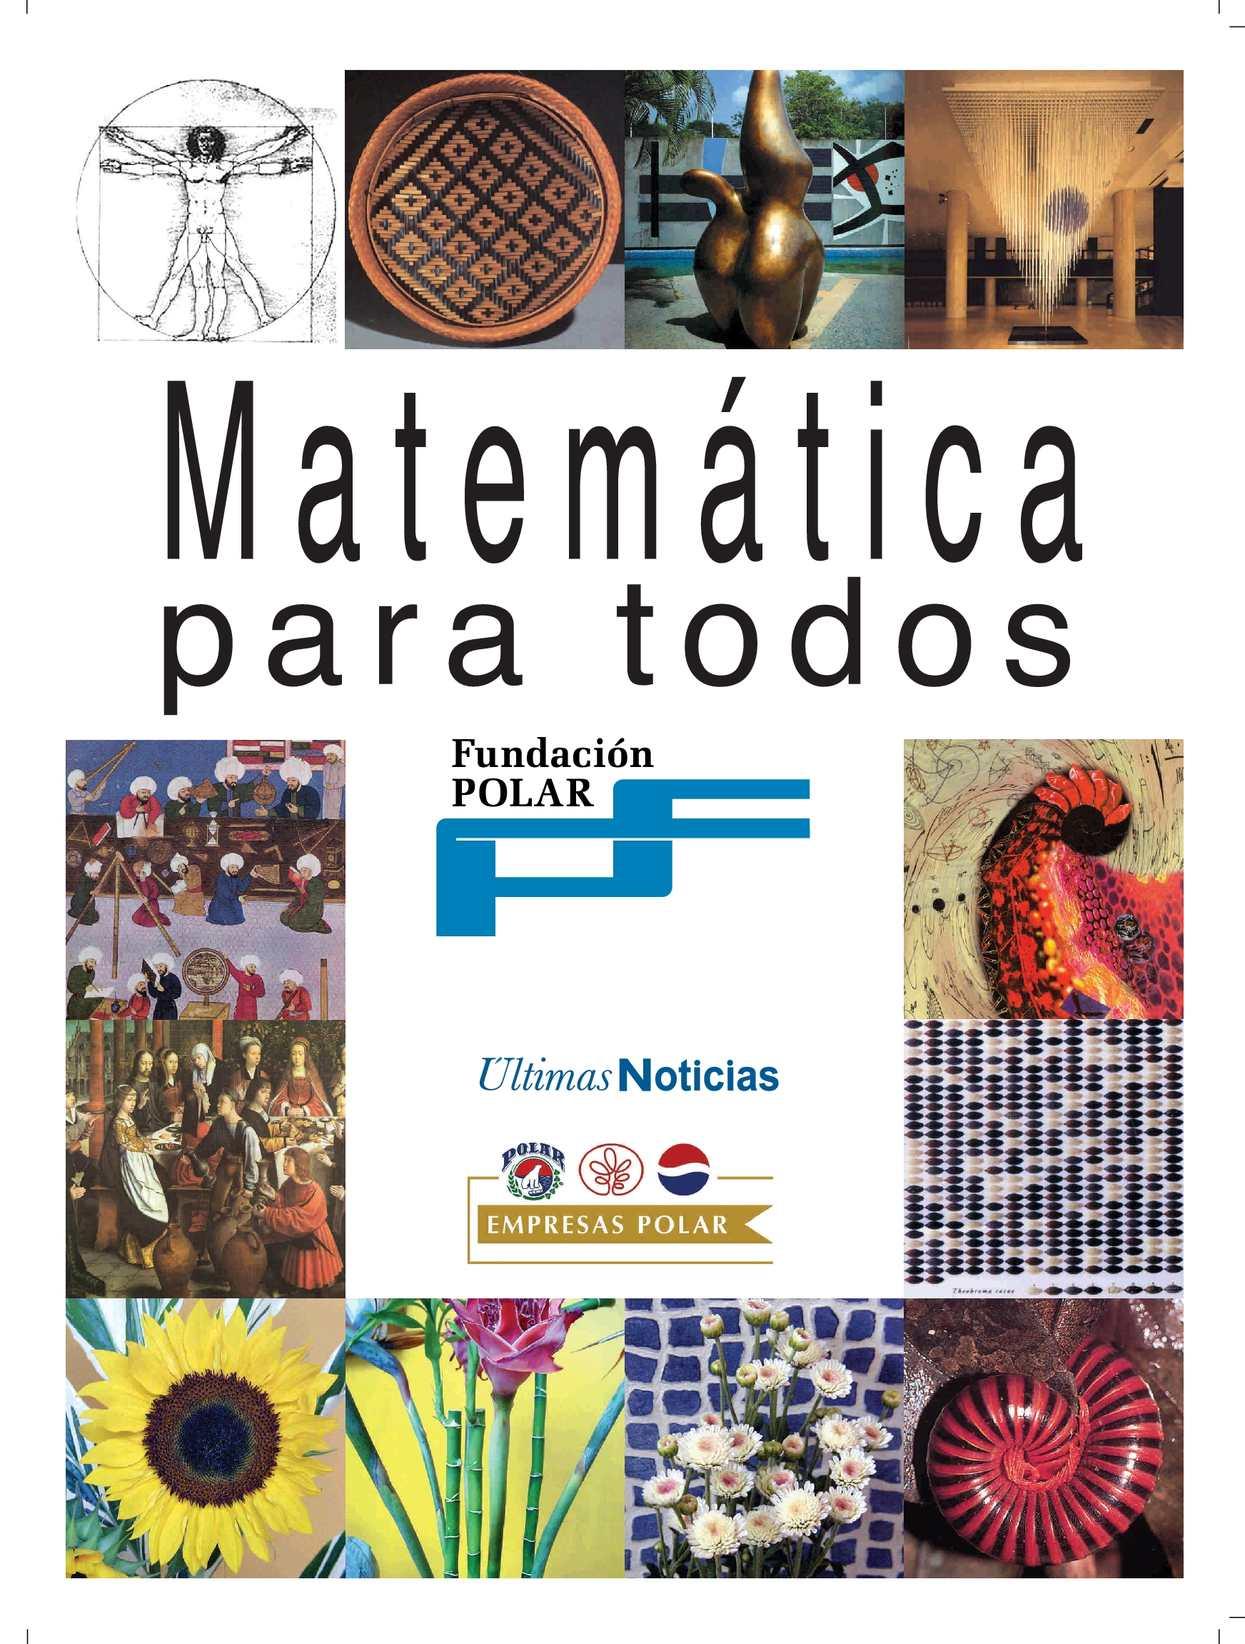 Fundacion Polar Matemática Para Todos